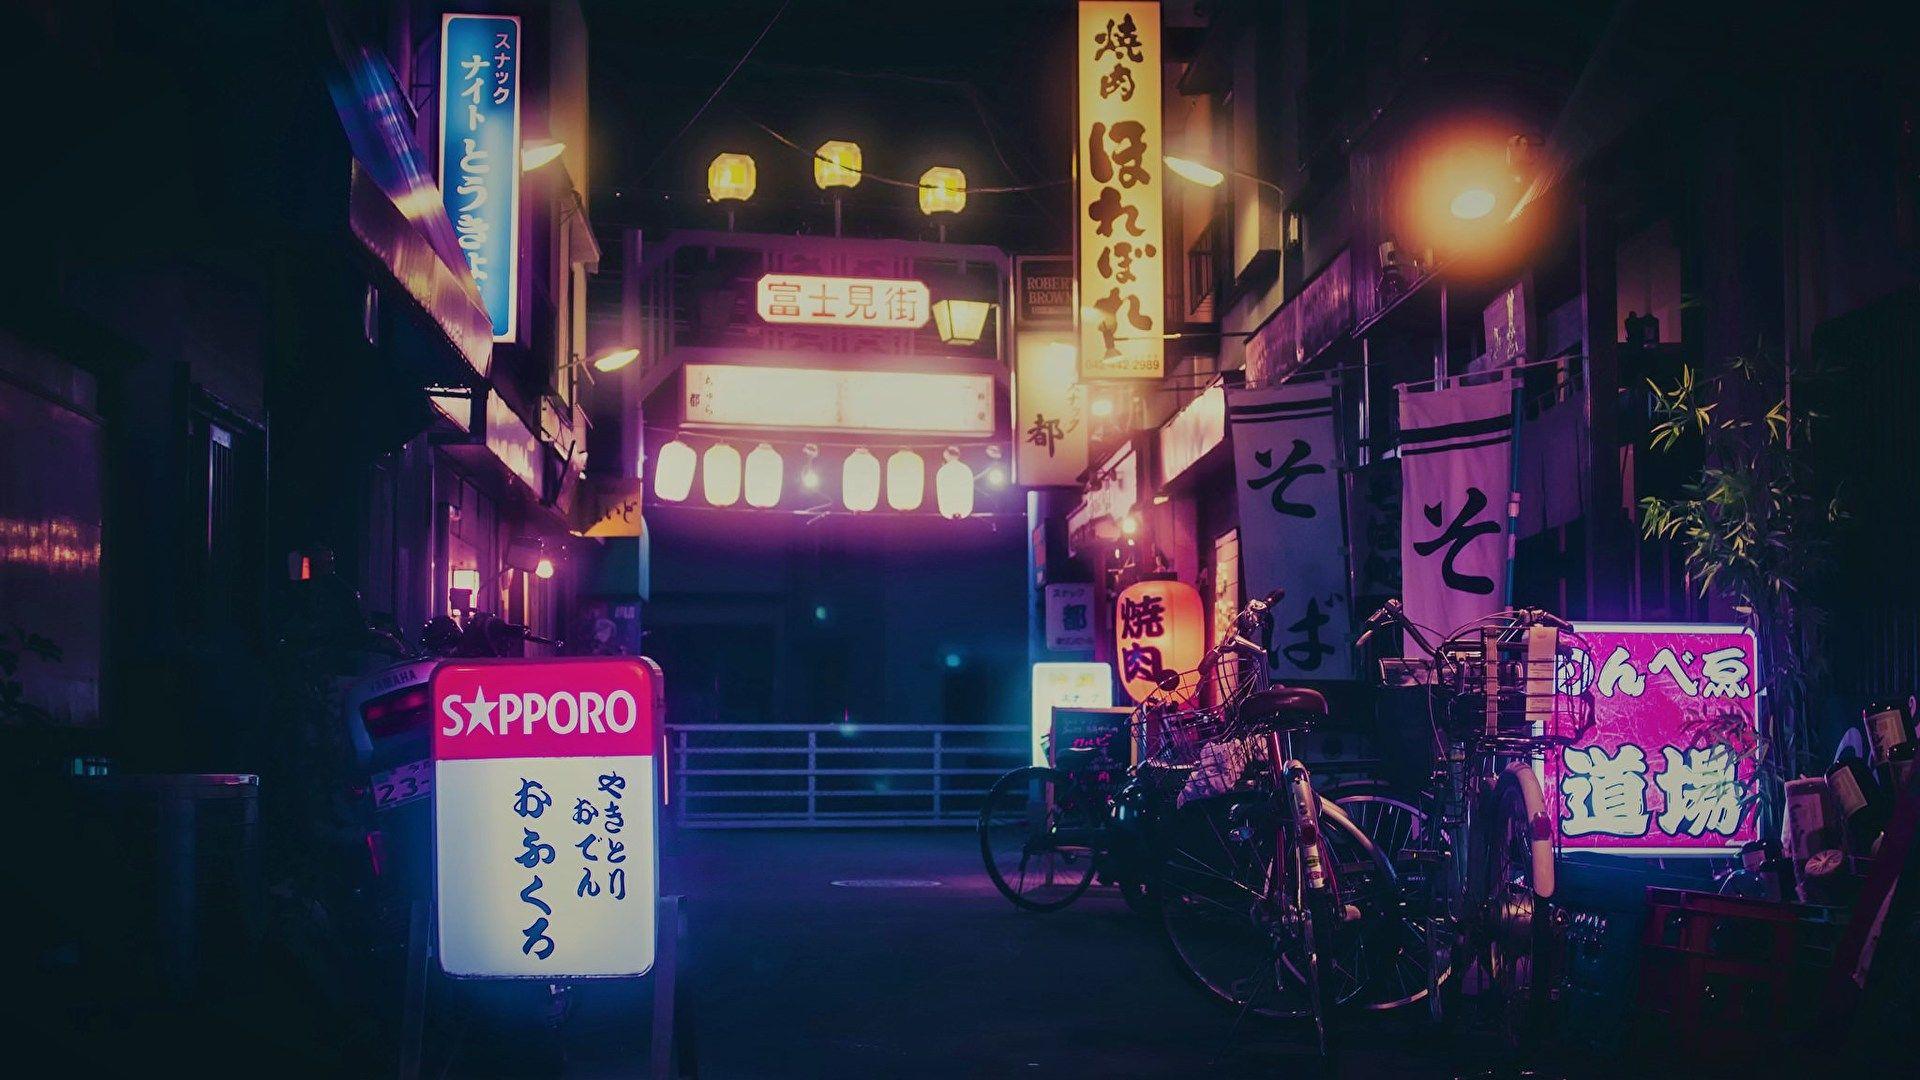 Neo Tokyo Wallpapers Wallpaper Cave Download aesthetic tokyo 4k wallpaper for your desktop, tablet or mobile device. neo tokyo wallpapers wallpaper cave